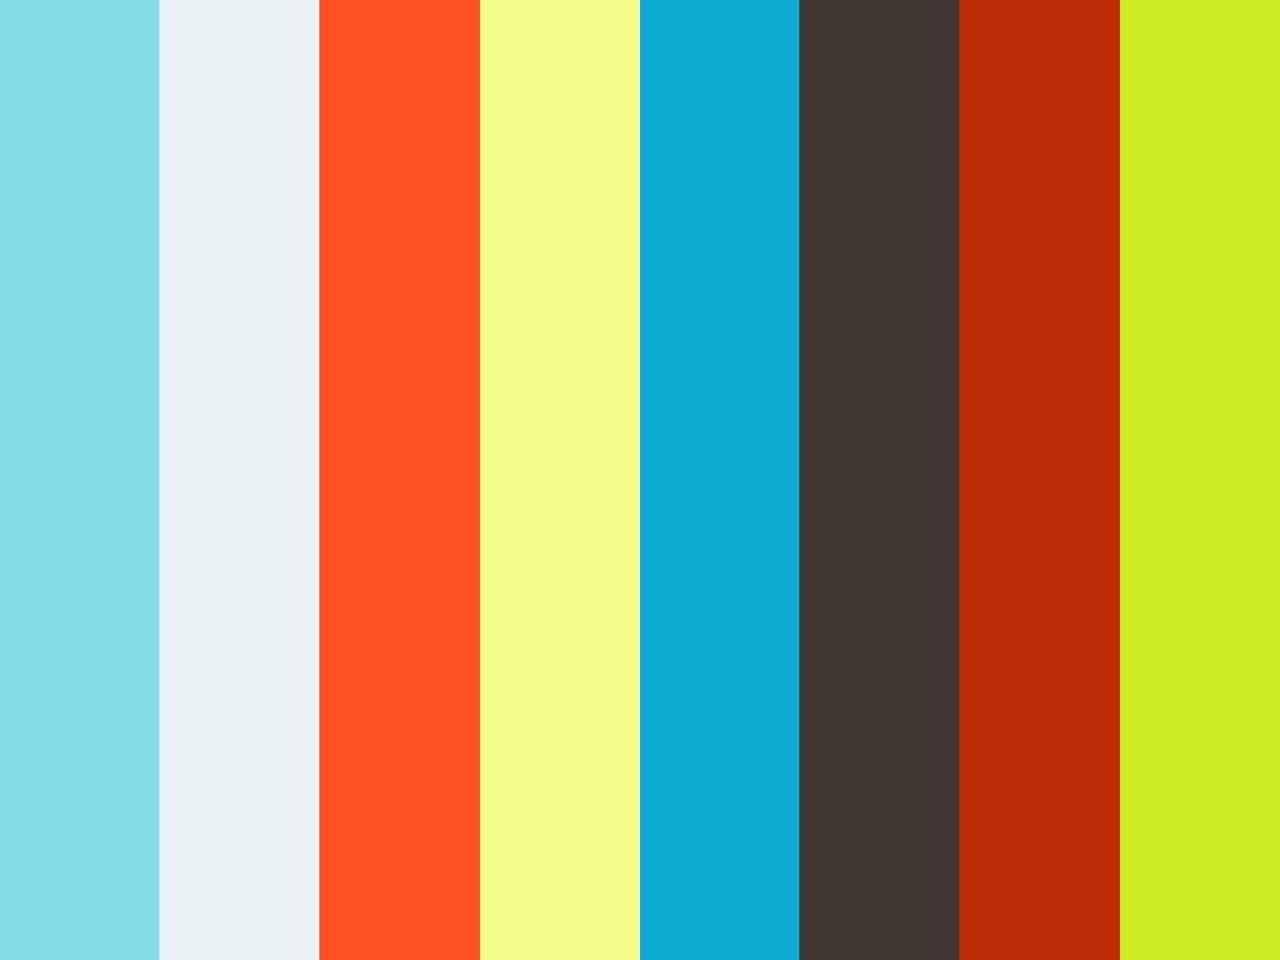 Tutorial Violín - Texturizado y shading de un Violín con Modo - 1/5